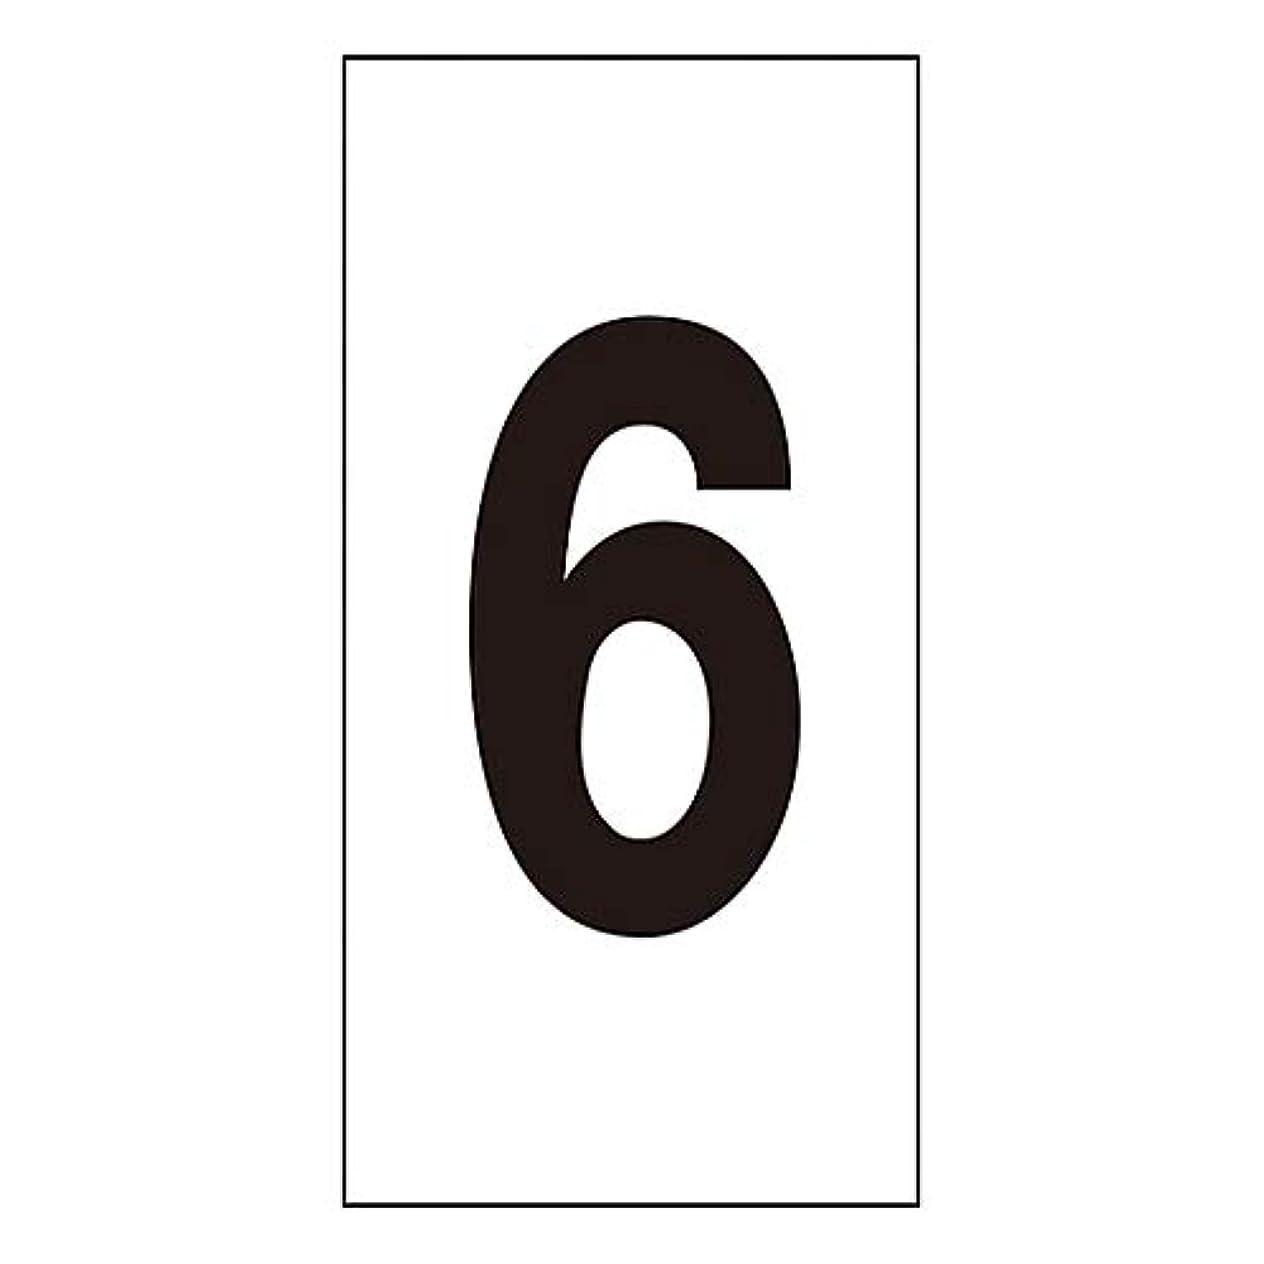 操作可能背骨スーツケース数字ステッカー 数字-6(小)/61-3414-21